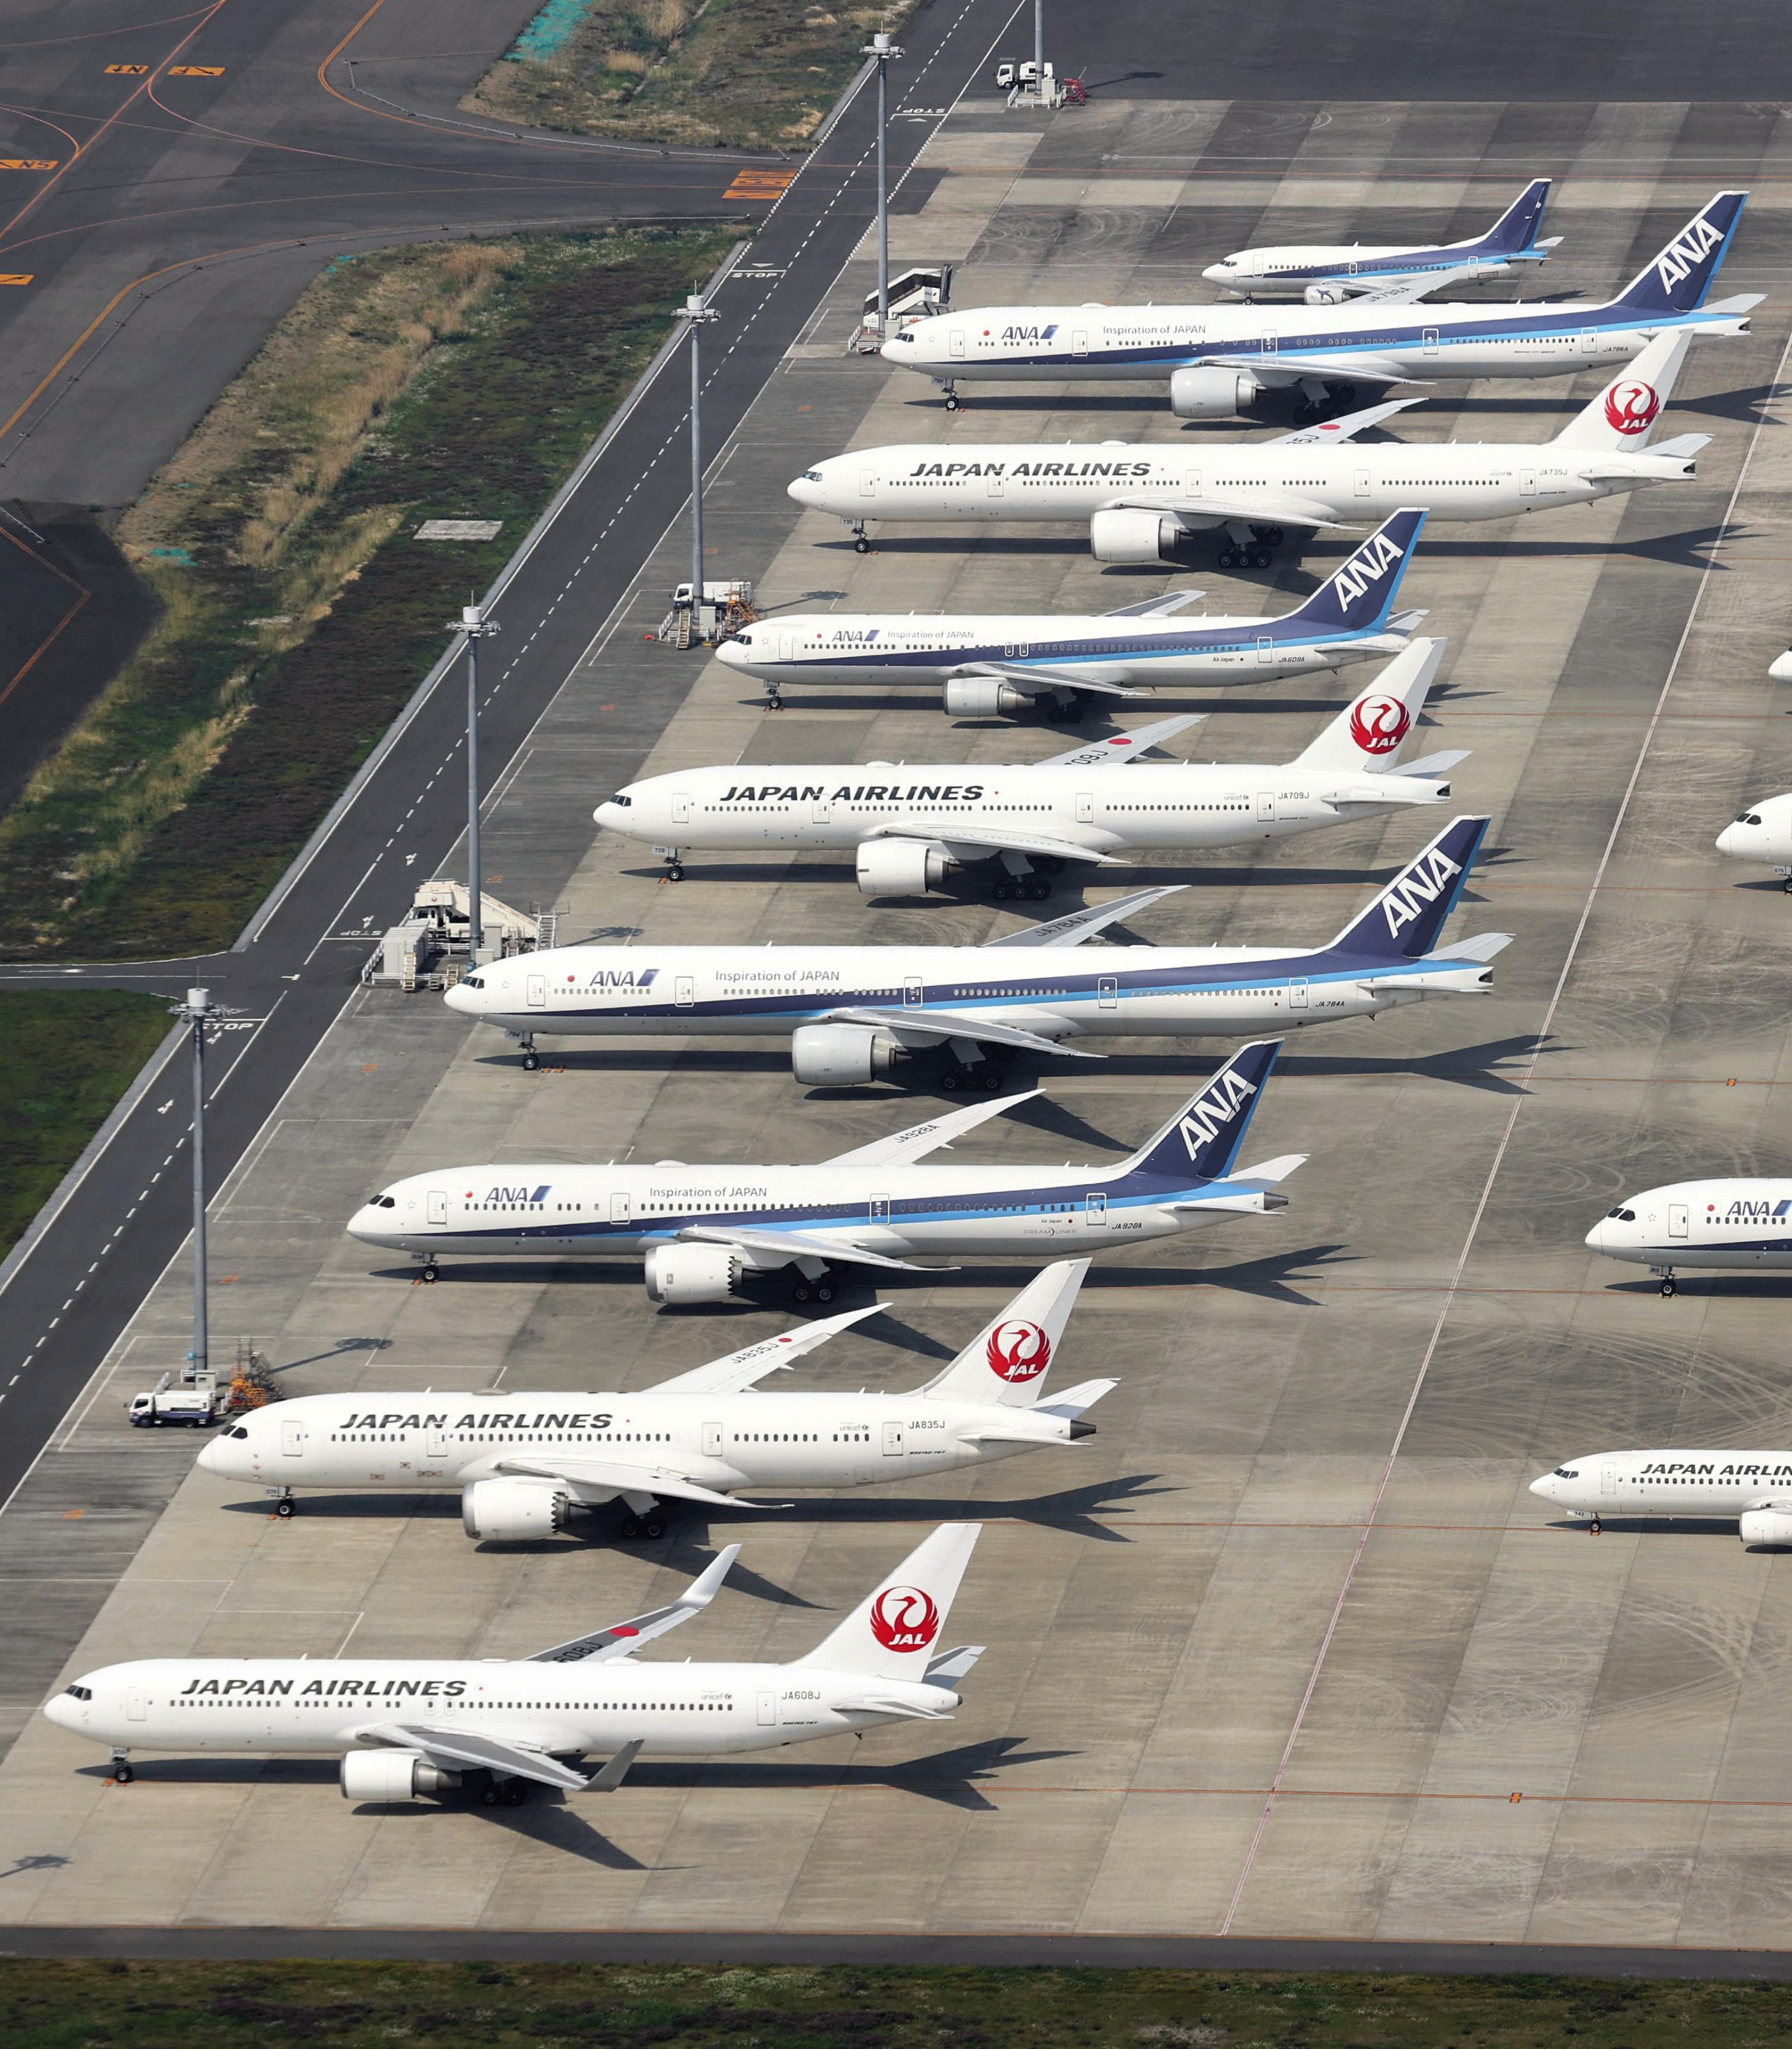 羽田空港の駐機場に並ぶ多くの旅客機=30日午後(共同通信社ヘリから)